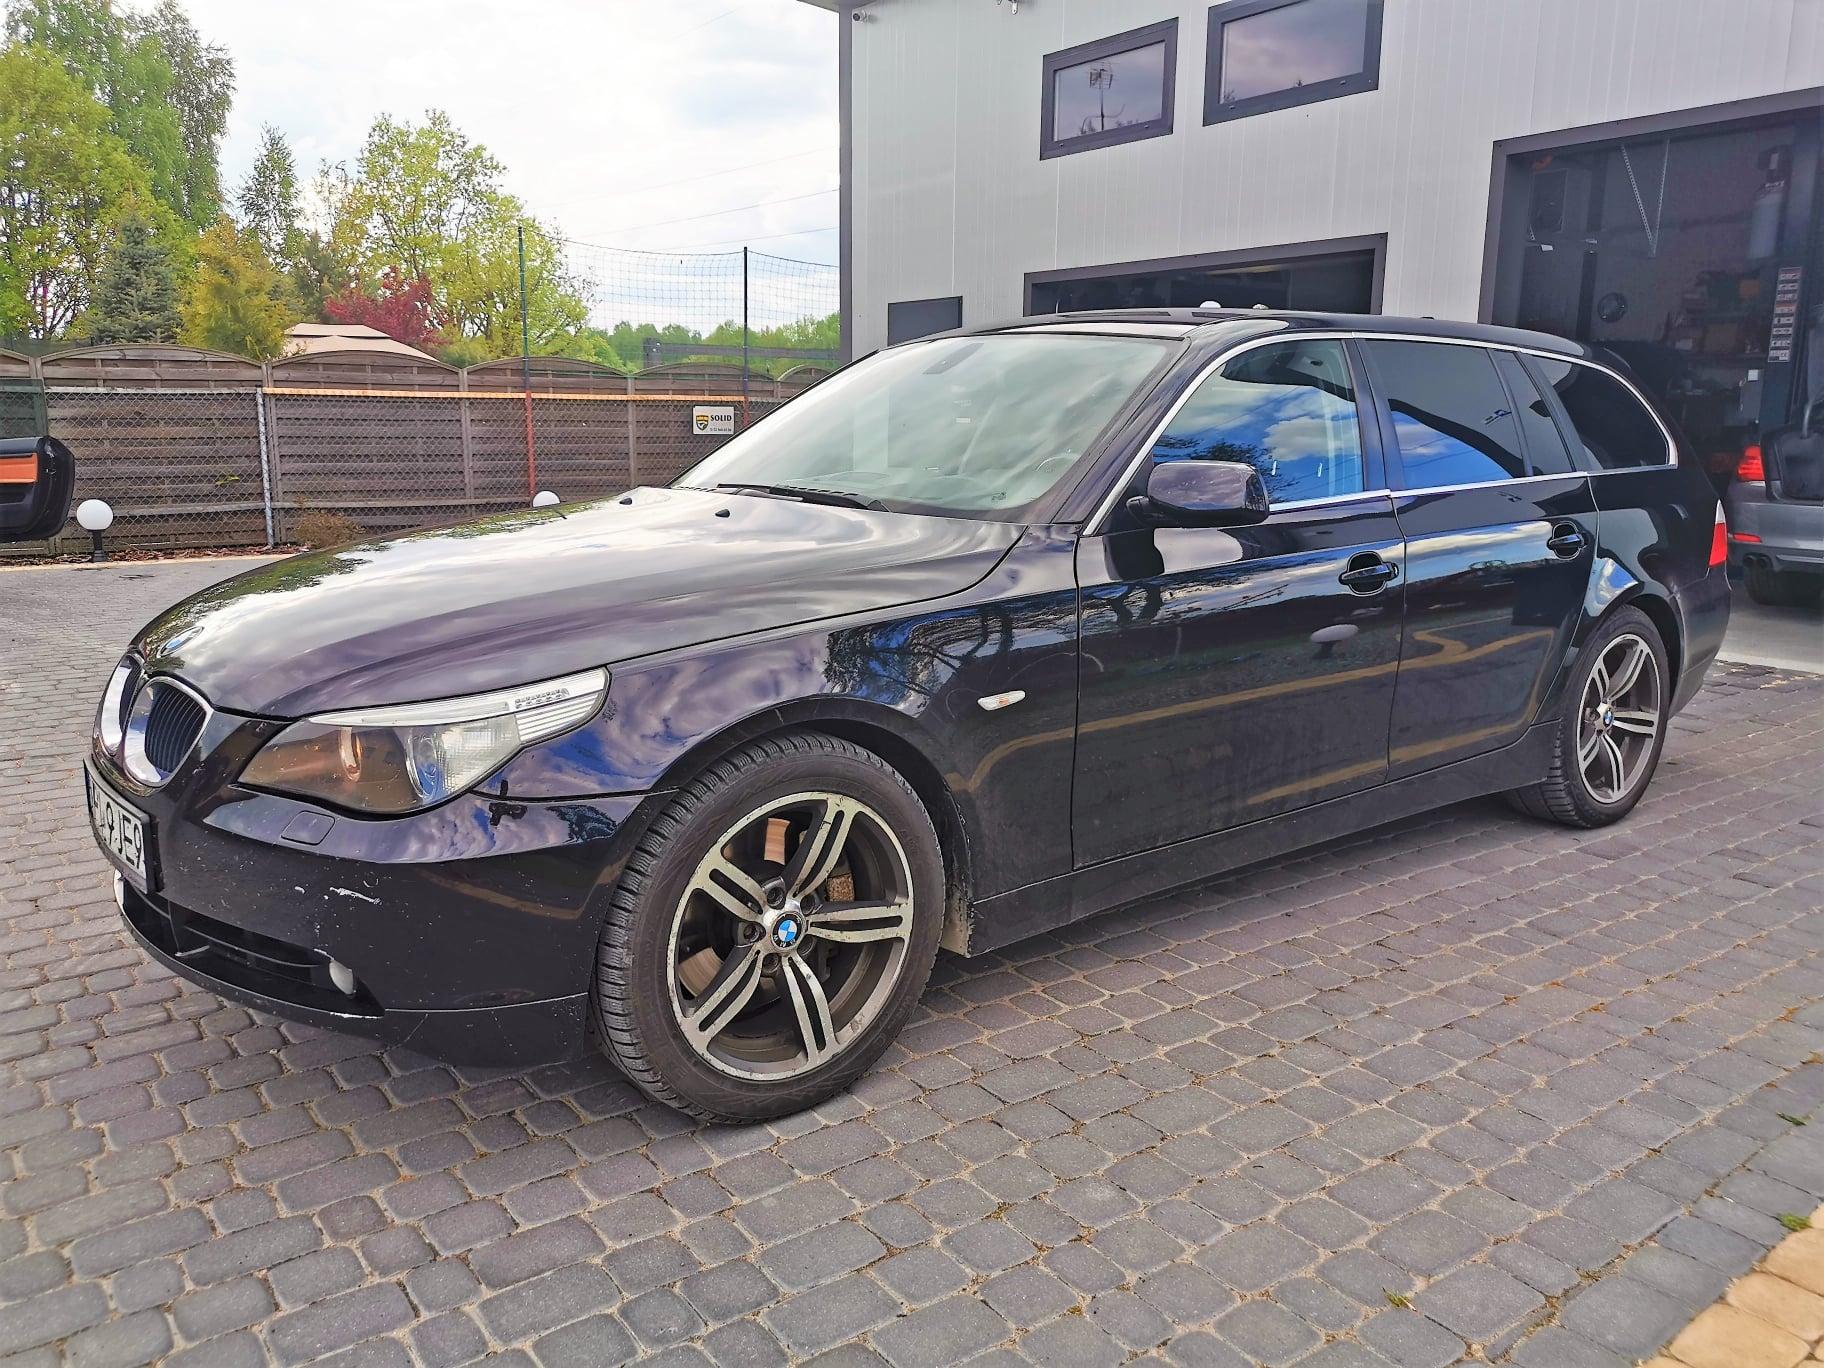 BMW E61 535D 272KM >> 354KM 706Nm